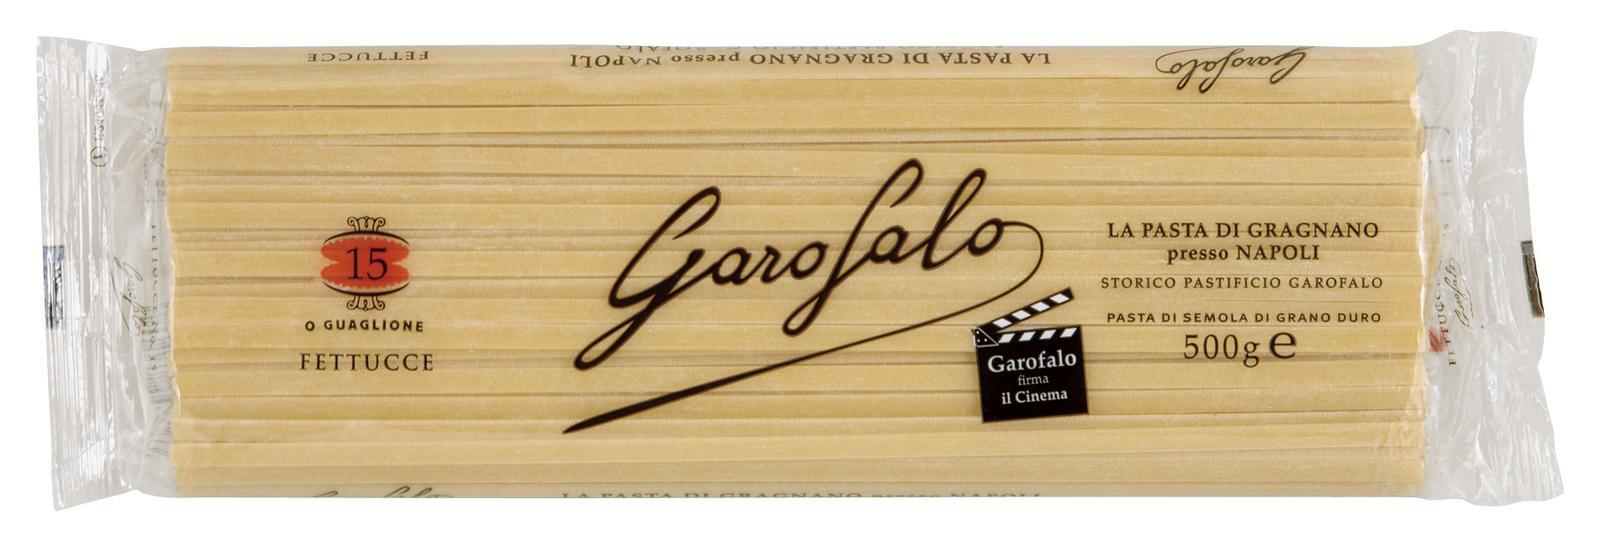 ガロファロNO'15フェットチーネ